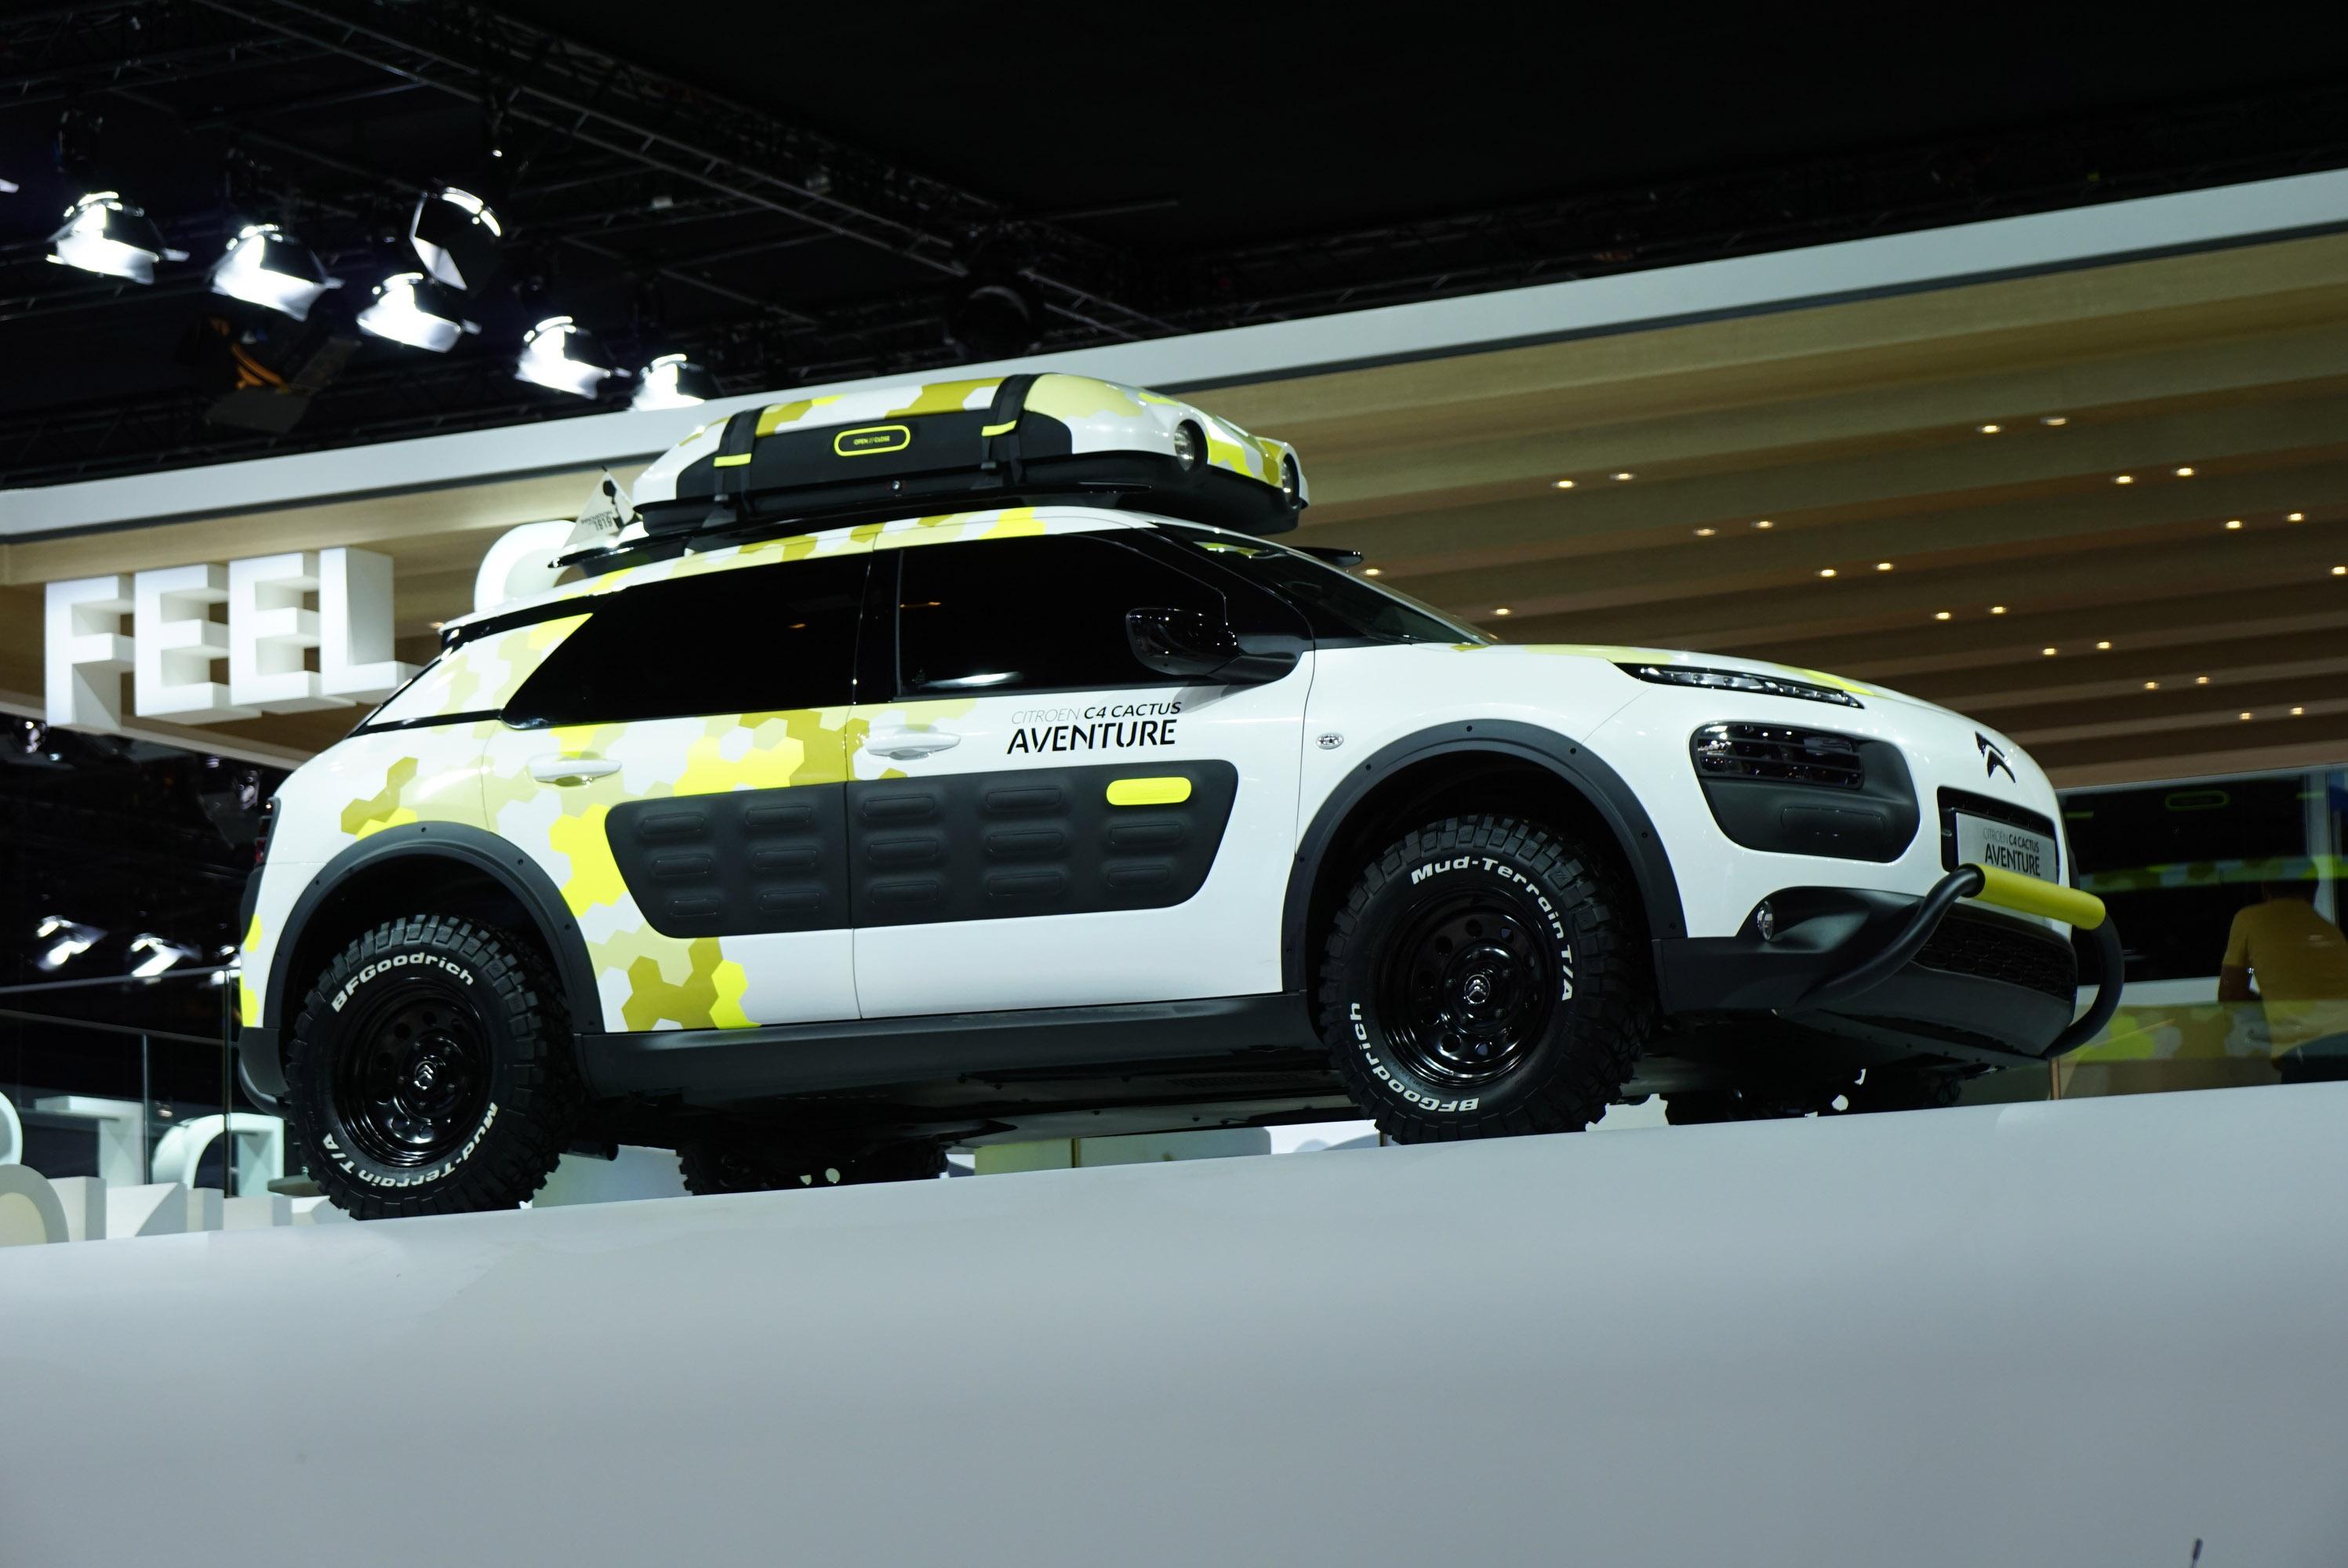 custom kahn land rover defender 110 makes impressive debut. Black Bedroom Furniture Sets. Home Design Ideas